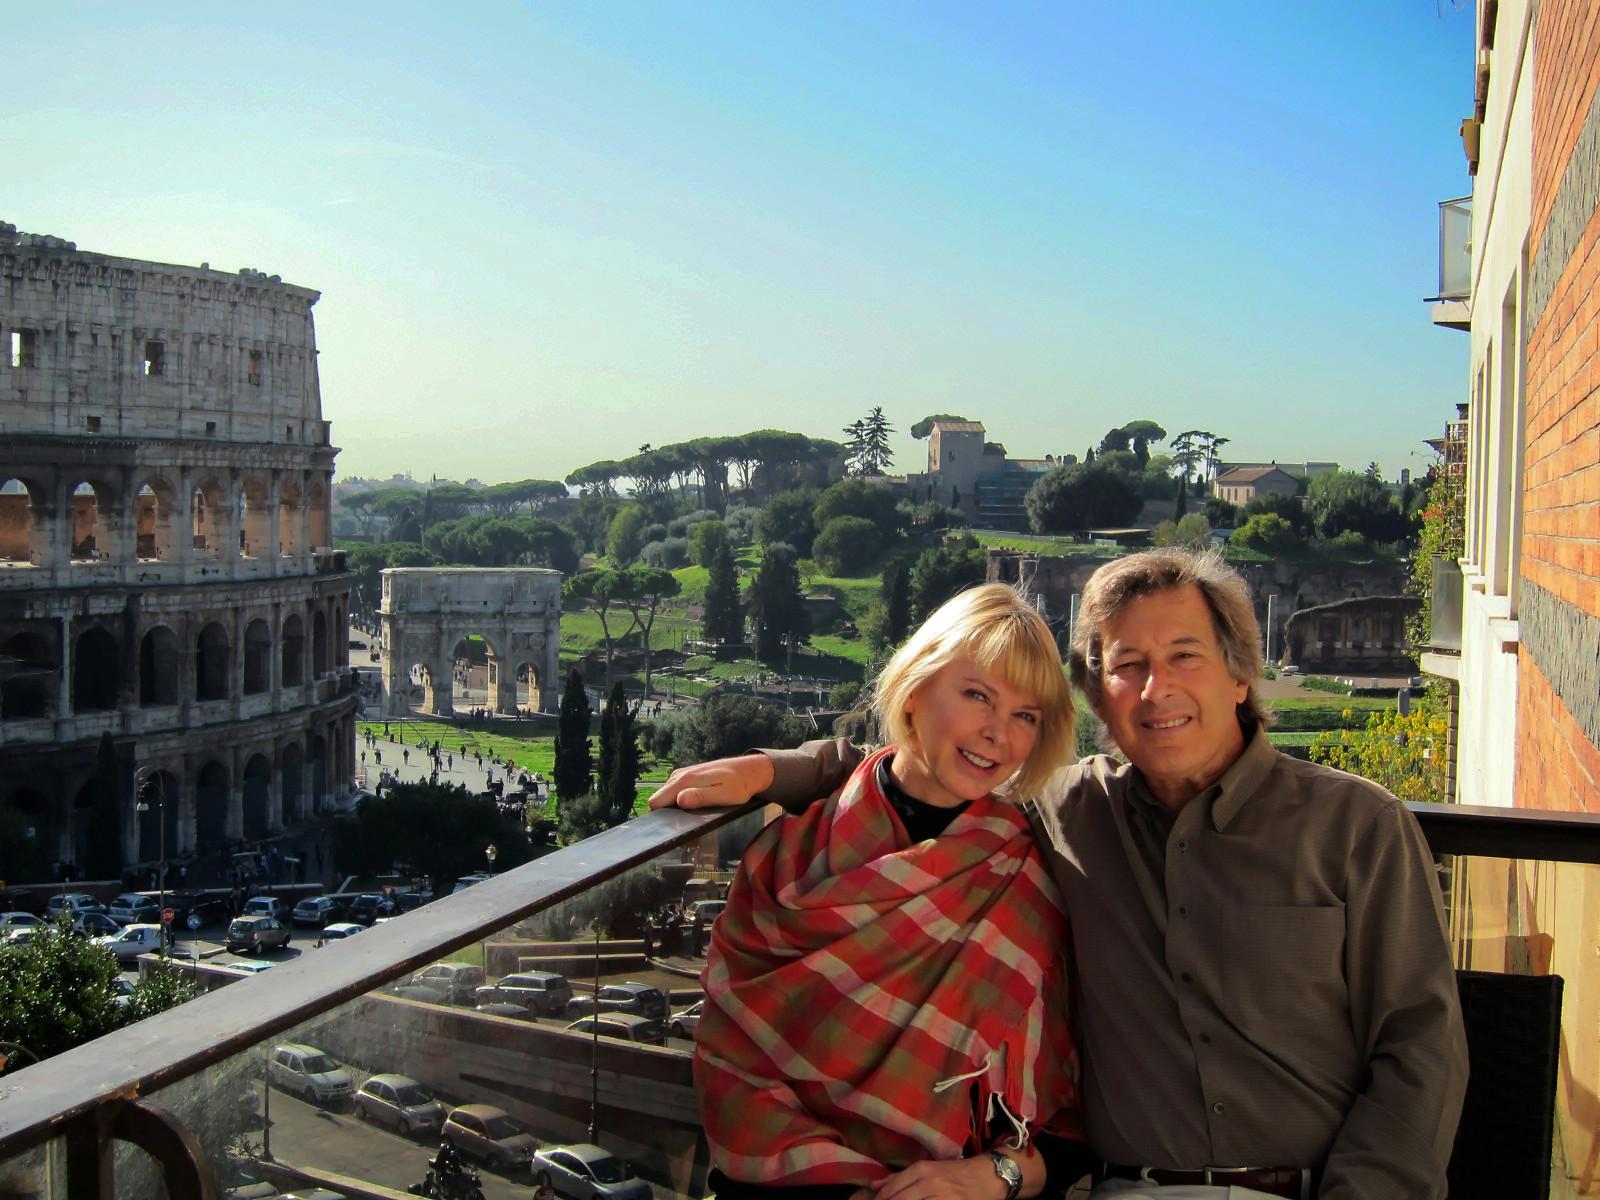 Rome_Colosseo_DxO